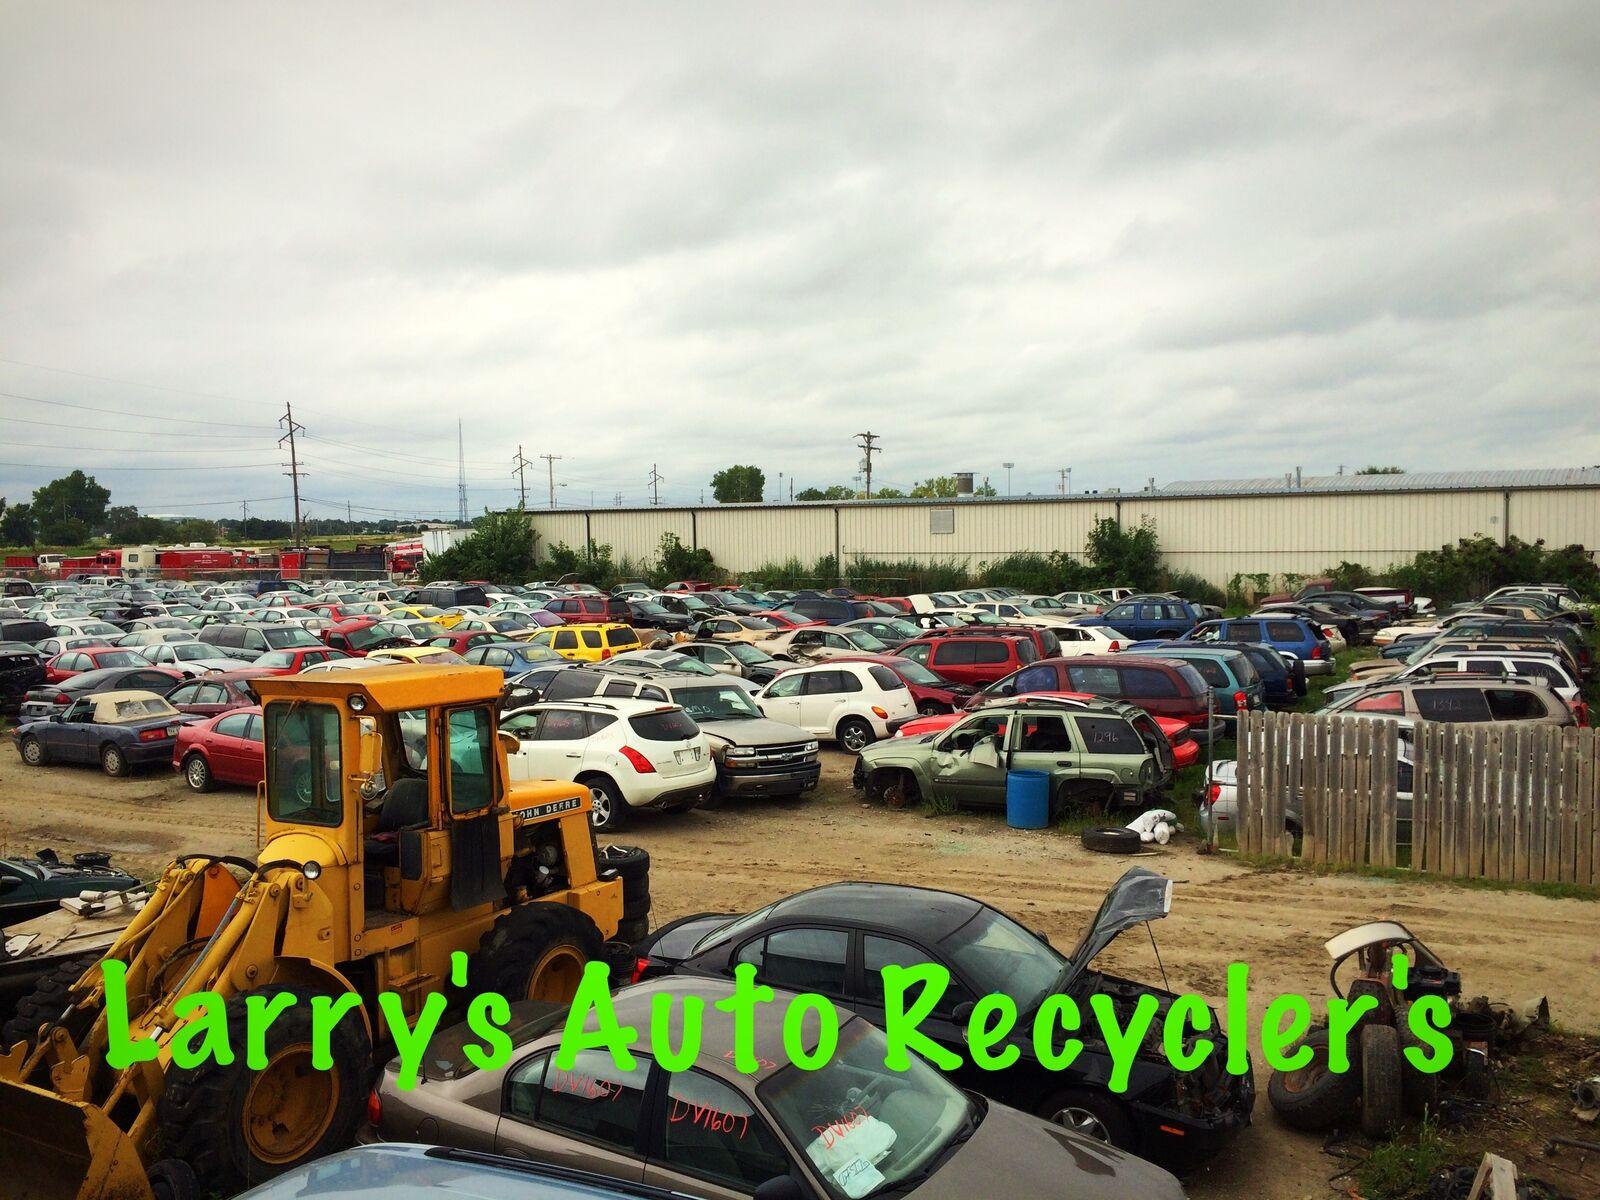 Larry's Auto Recycler's